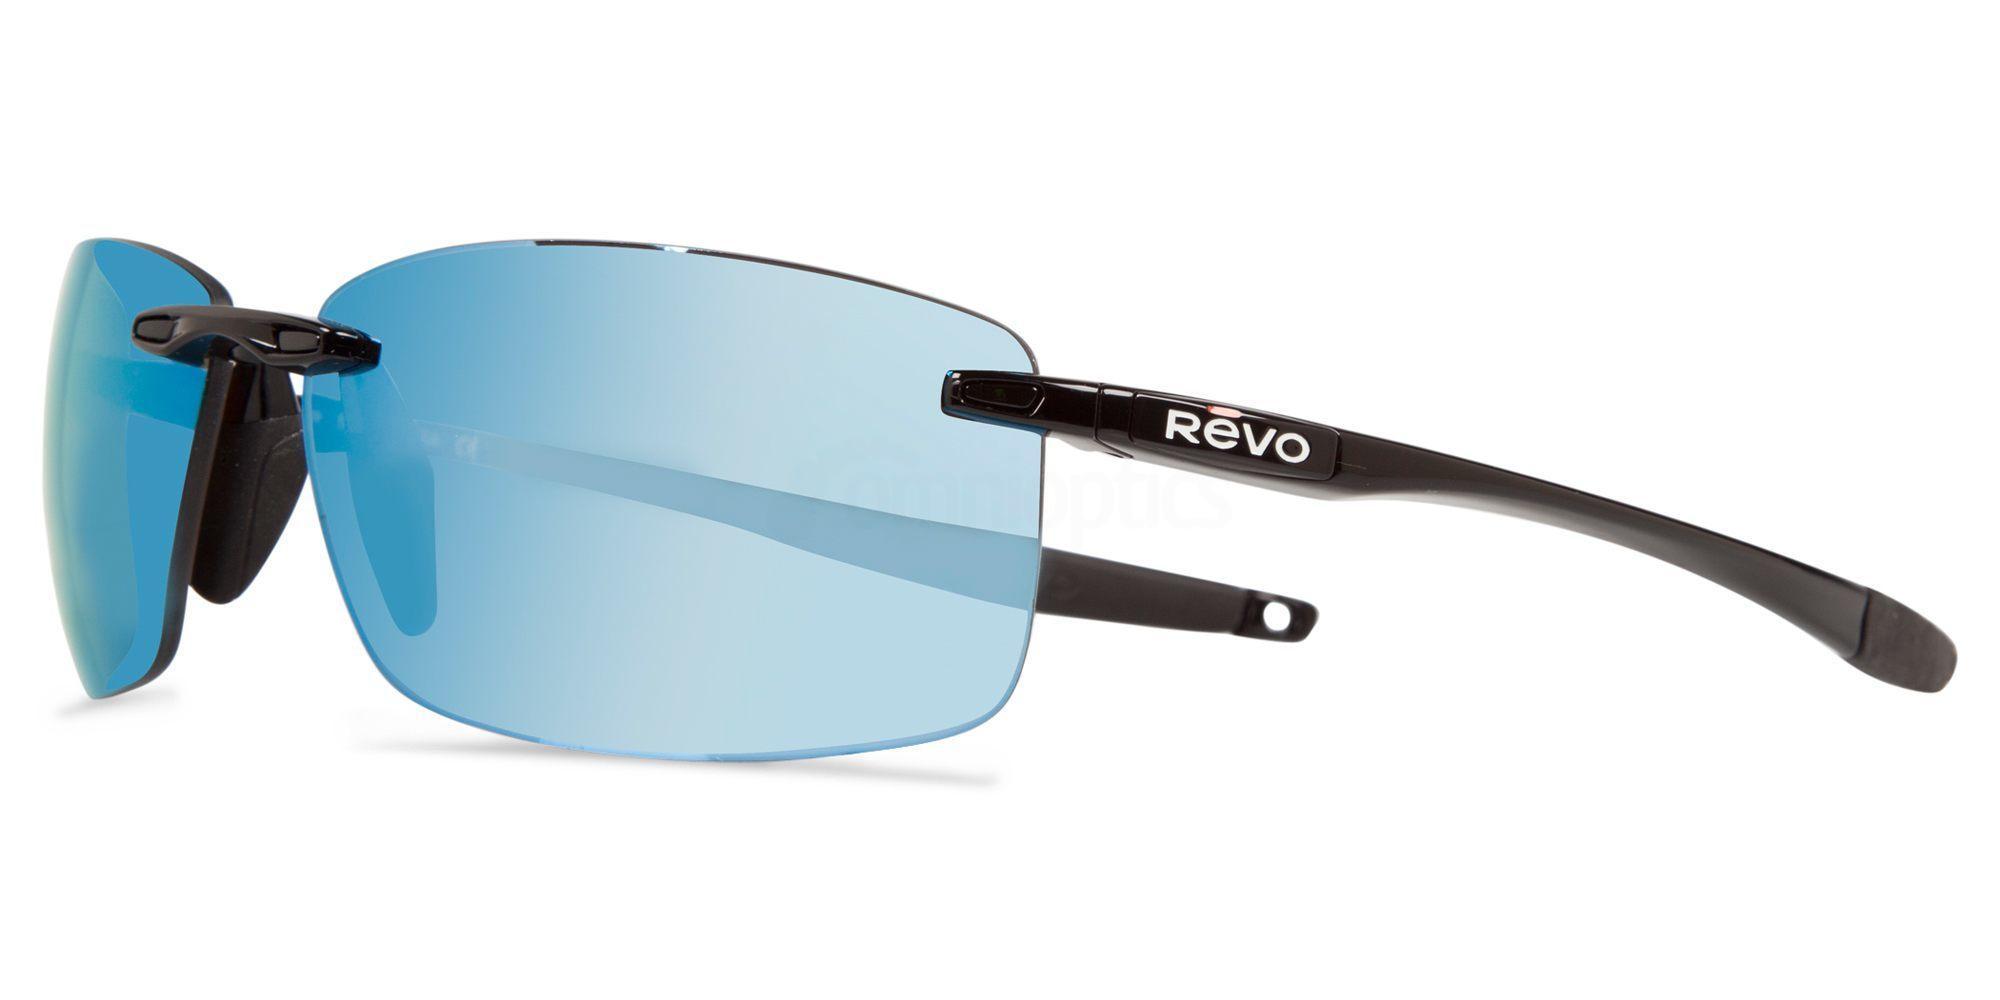 01BL Descend N - 354059 Sunglasses, Revo